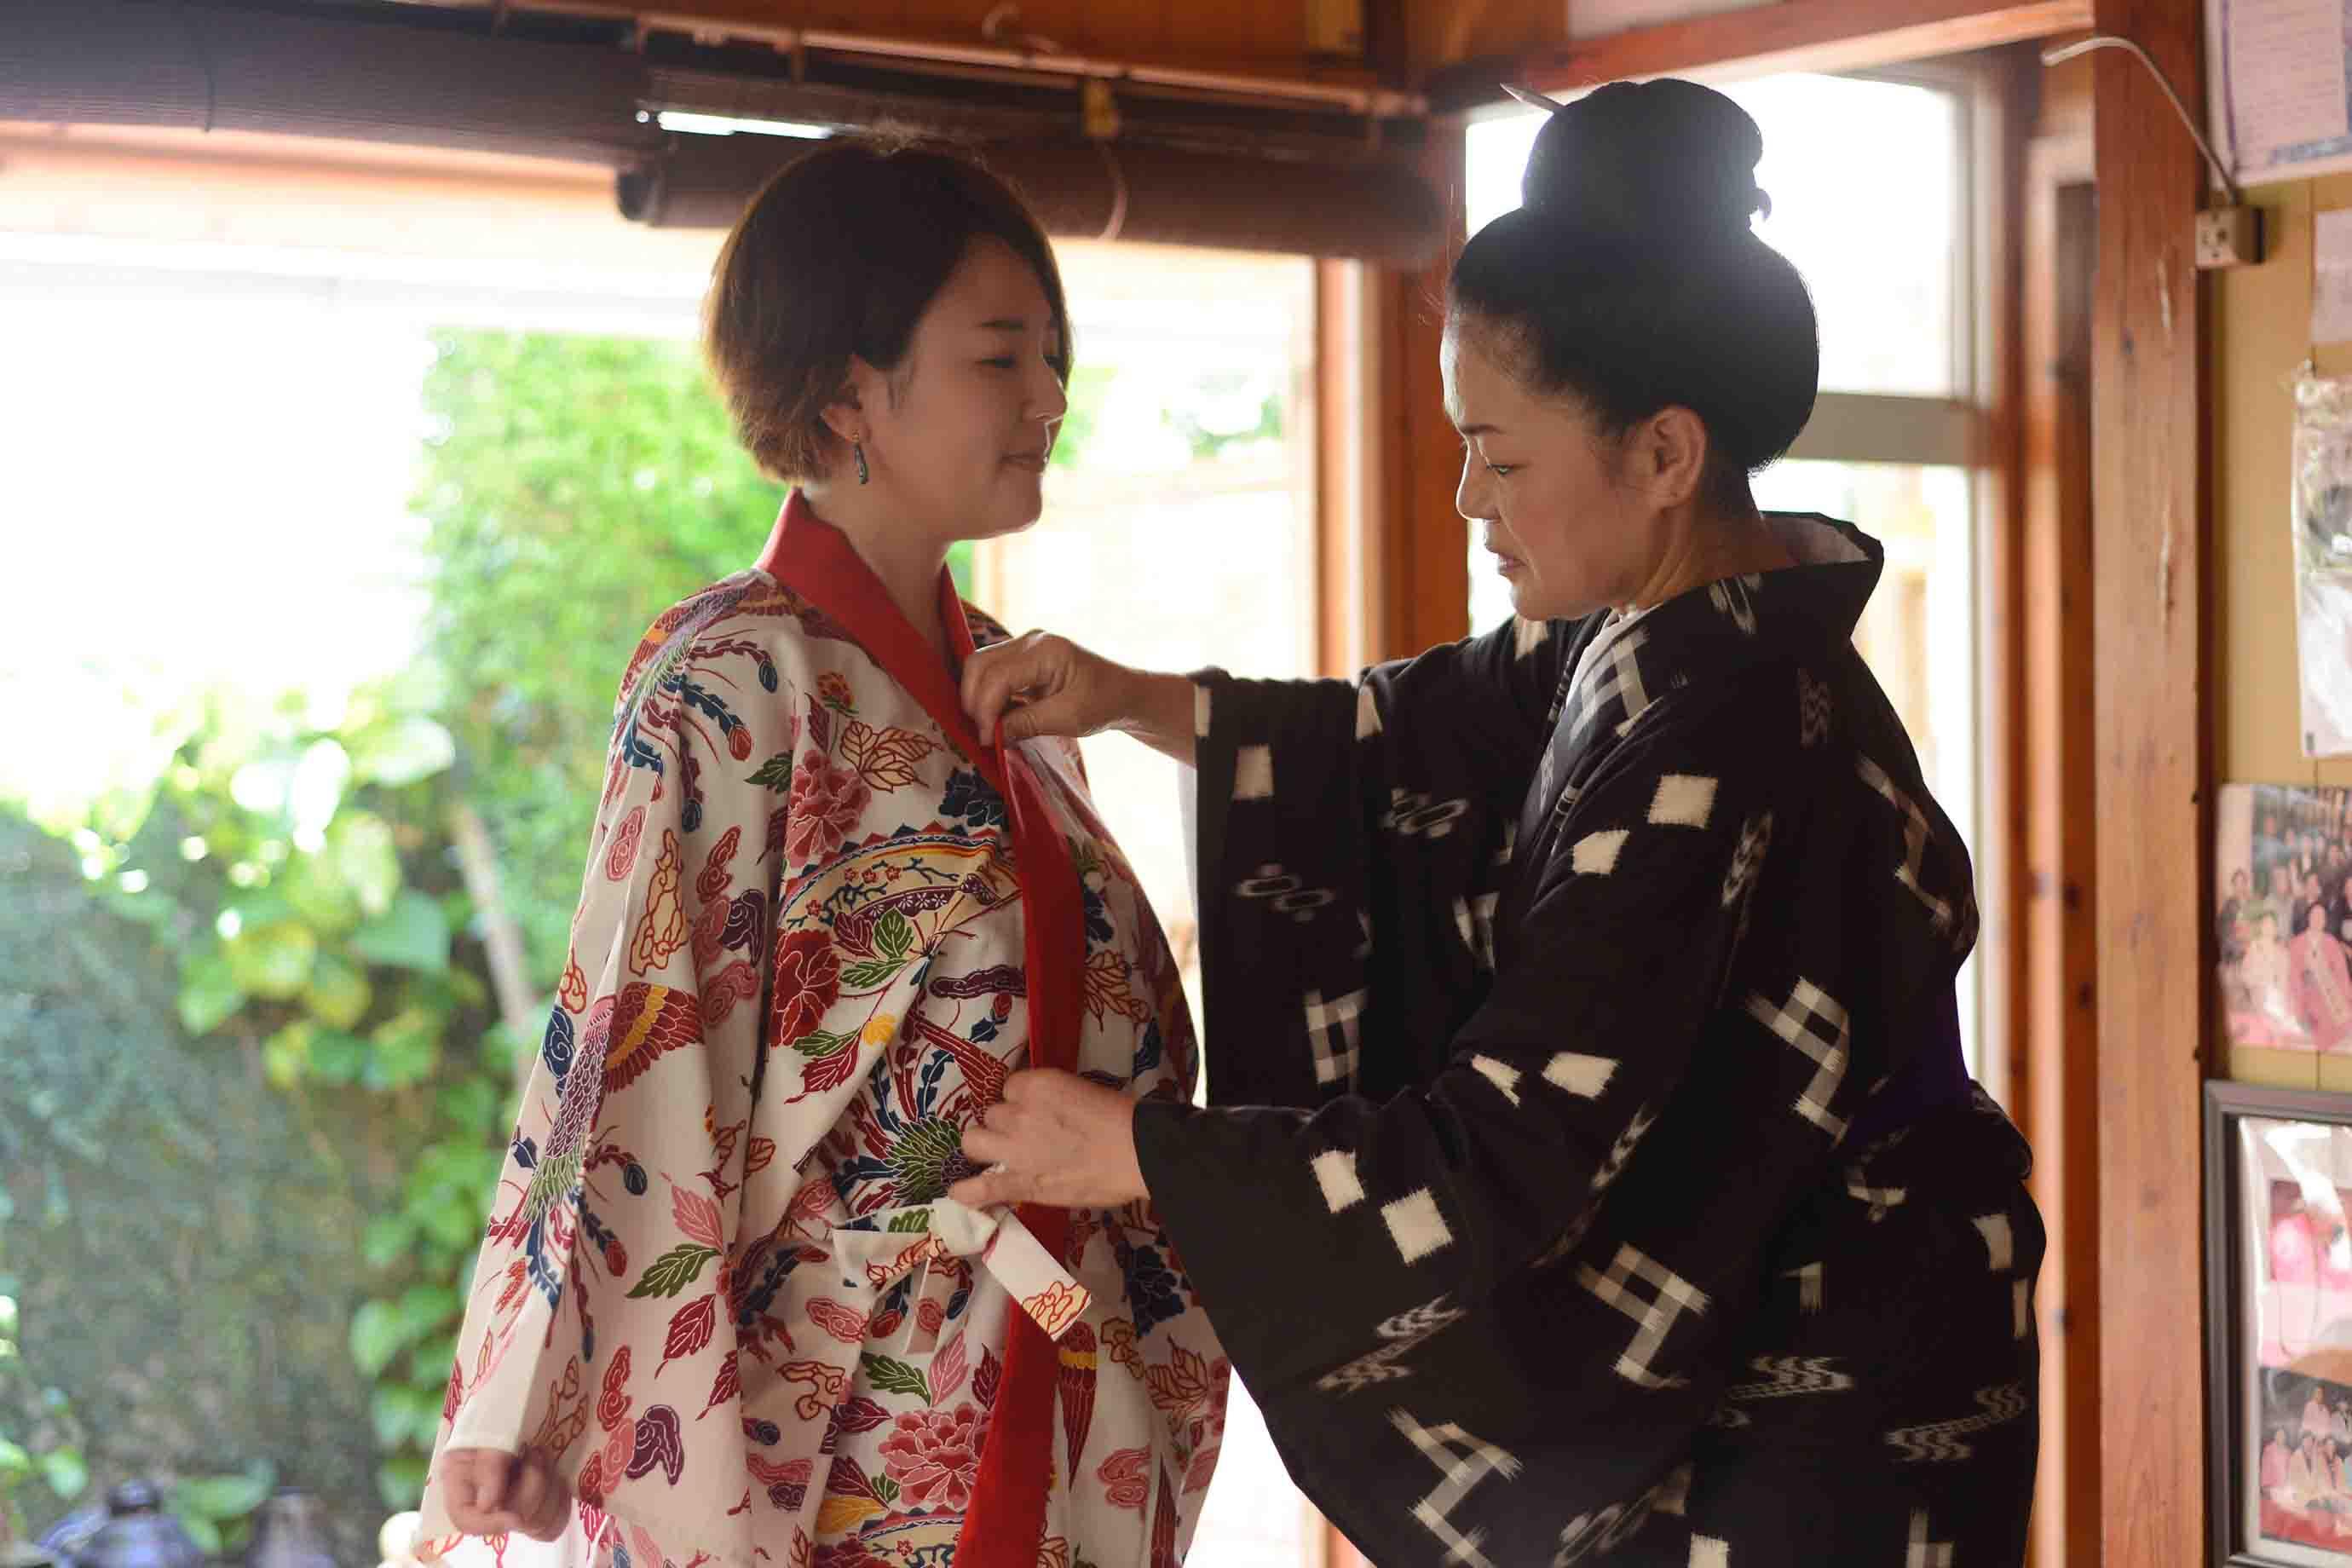 安岡さん (右) に琉球衣装を着付けていただきました。事前の身支度は不要。洋服の上から気軽に羽織るようにまといます